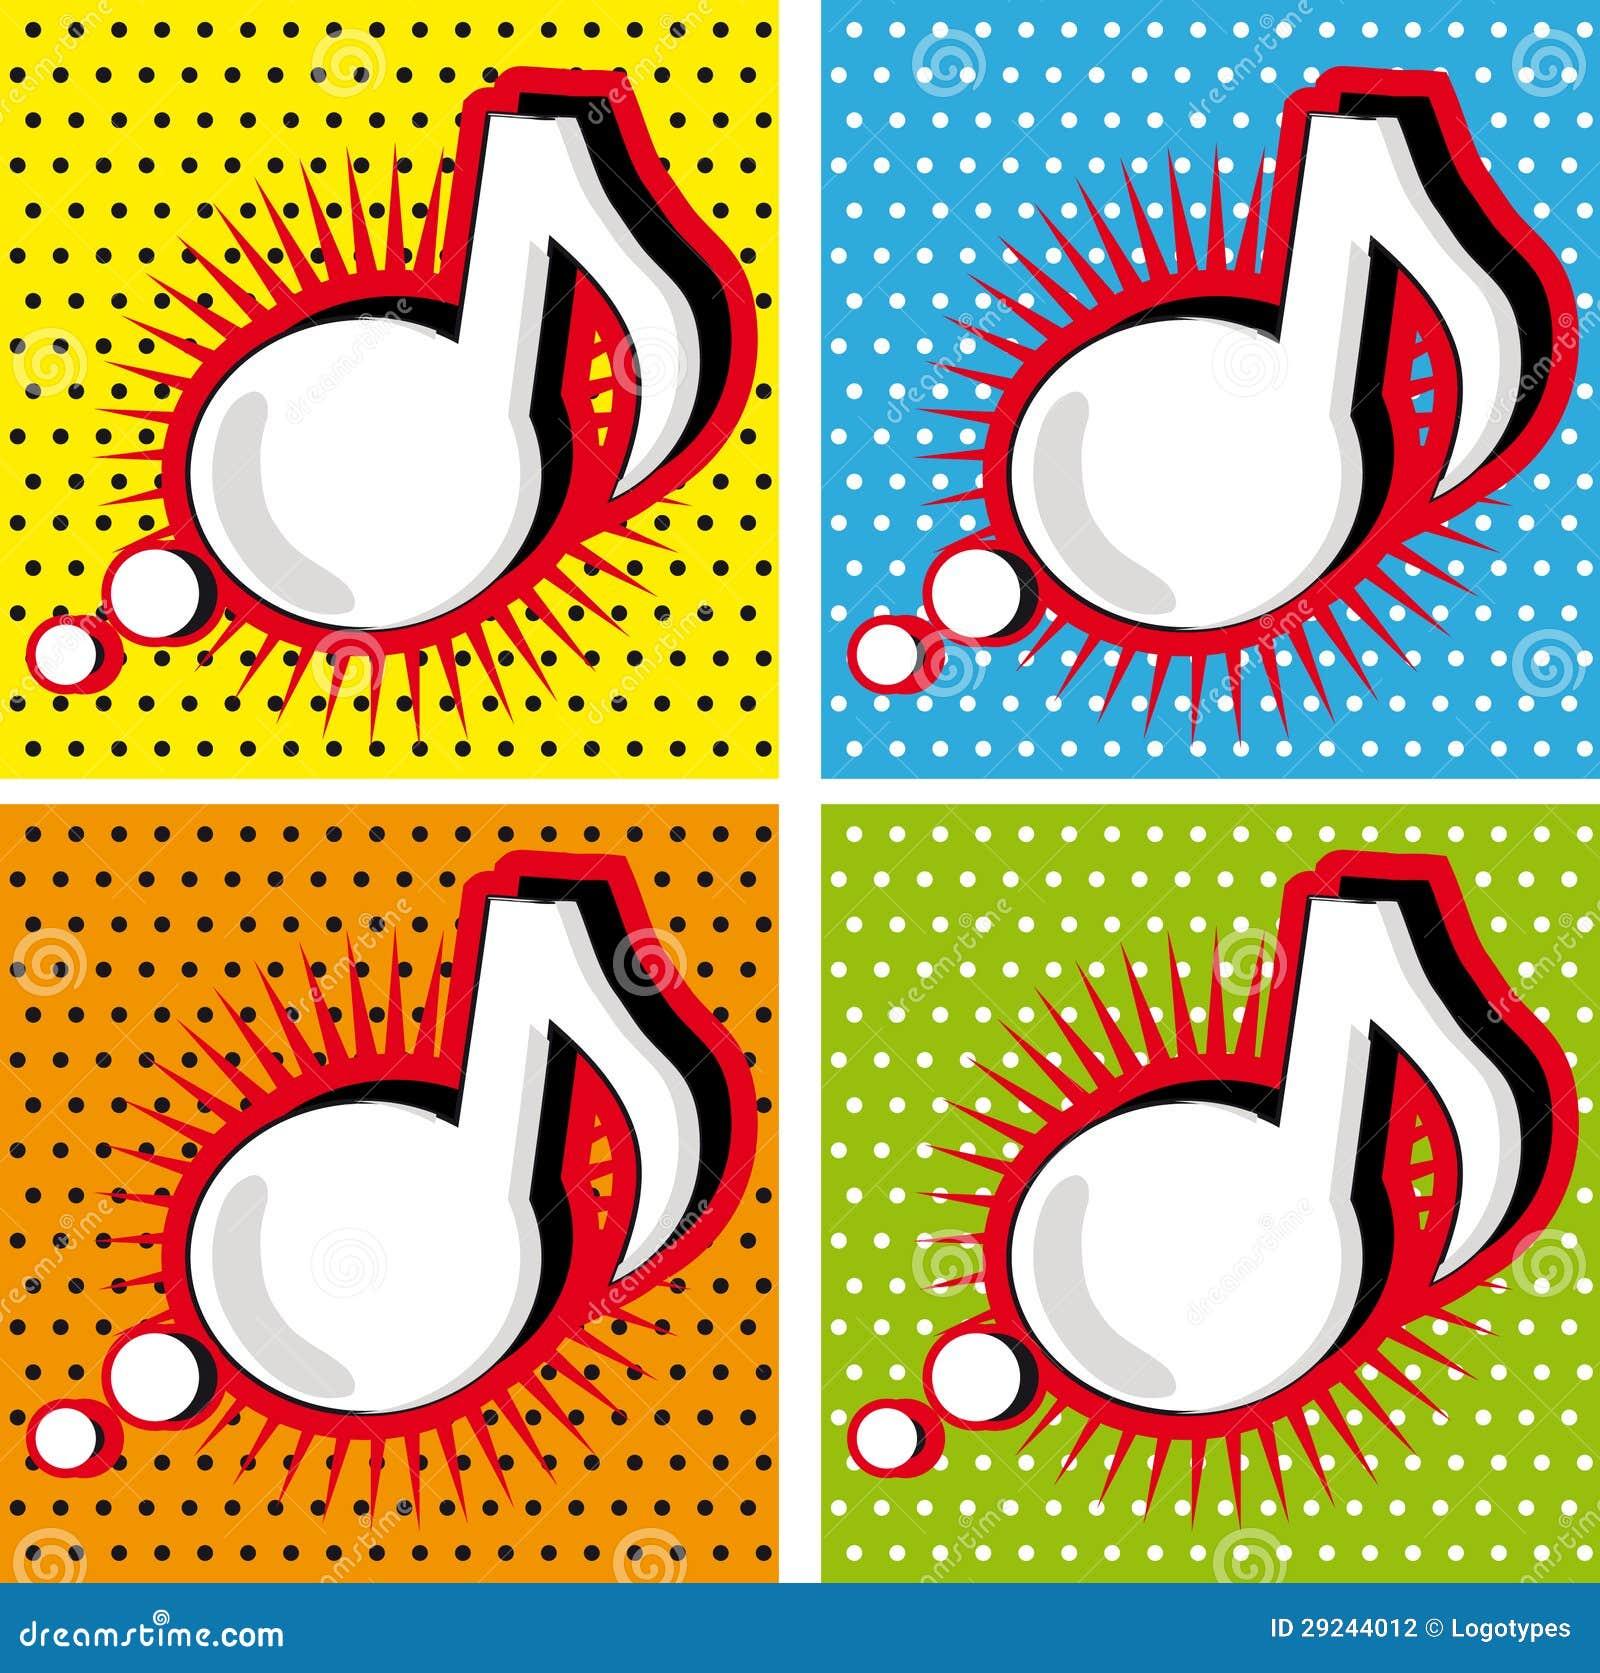 Speech bubble music note in pop art style stock illustration speech bubble music note in pop art style toneelgroepblik Images